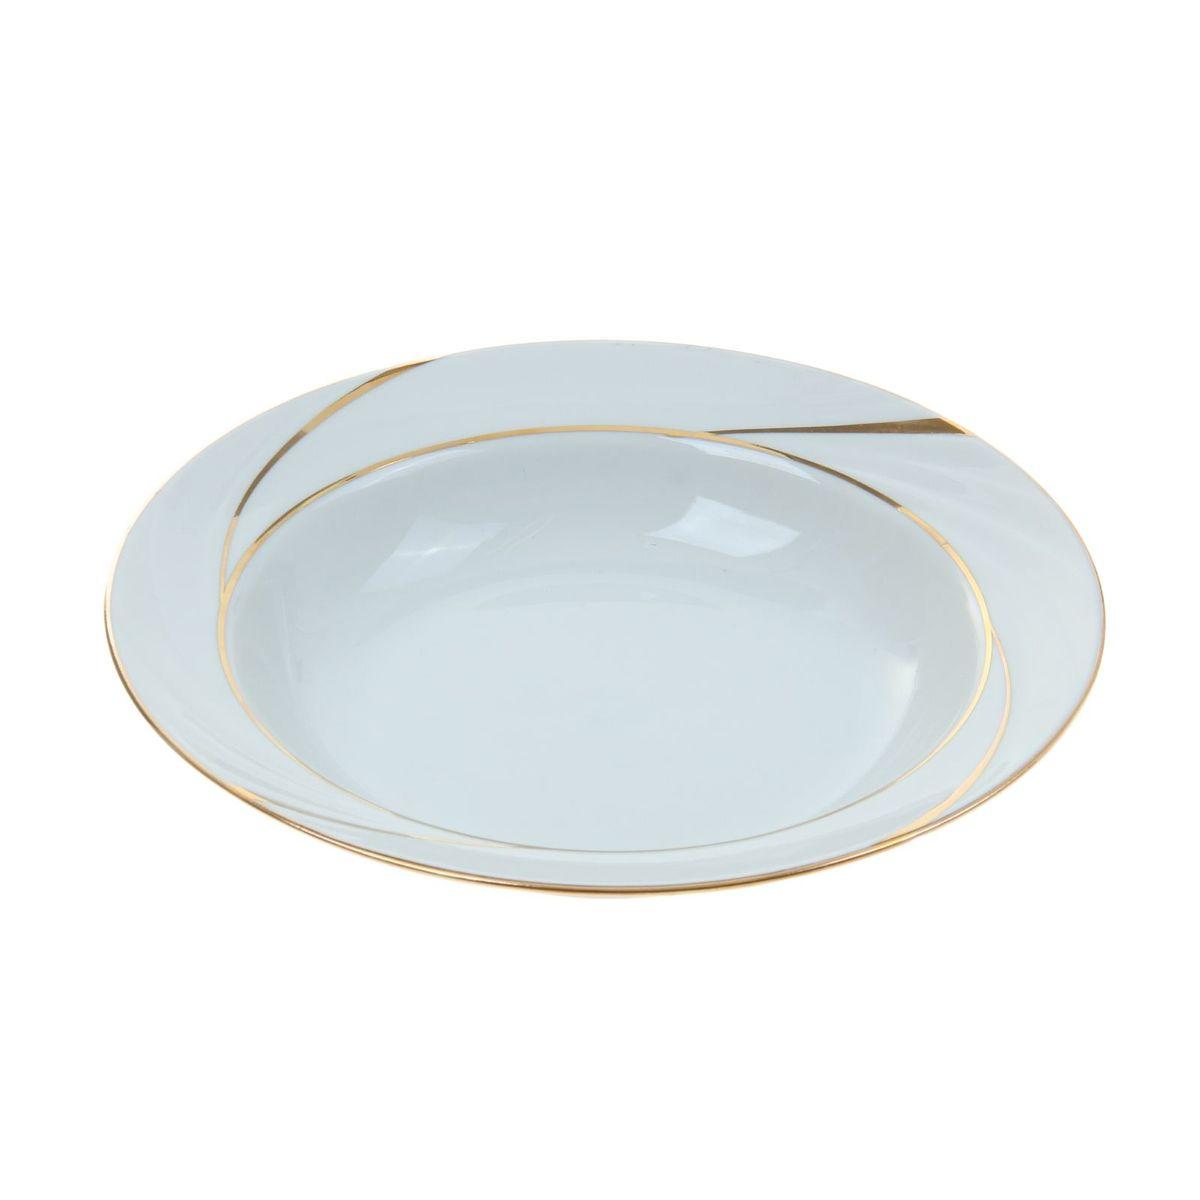 Тарелка глубокая Голубка. Бомонд, диаметр 22 см1035421Глубокая тарелка Голубка. Бомонд выполнена из высококачественного фарфора. Она прекрасно впишется в интерьер вашей кухни и станет достойным дополнением к кухонному инвентарю. Тарелка Голубка. Бомонд подчеркнет прекрасный вкус хозяйки и станет отличным подарком.